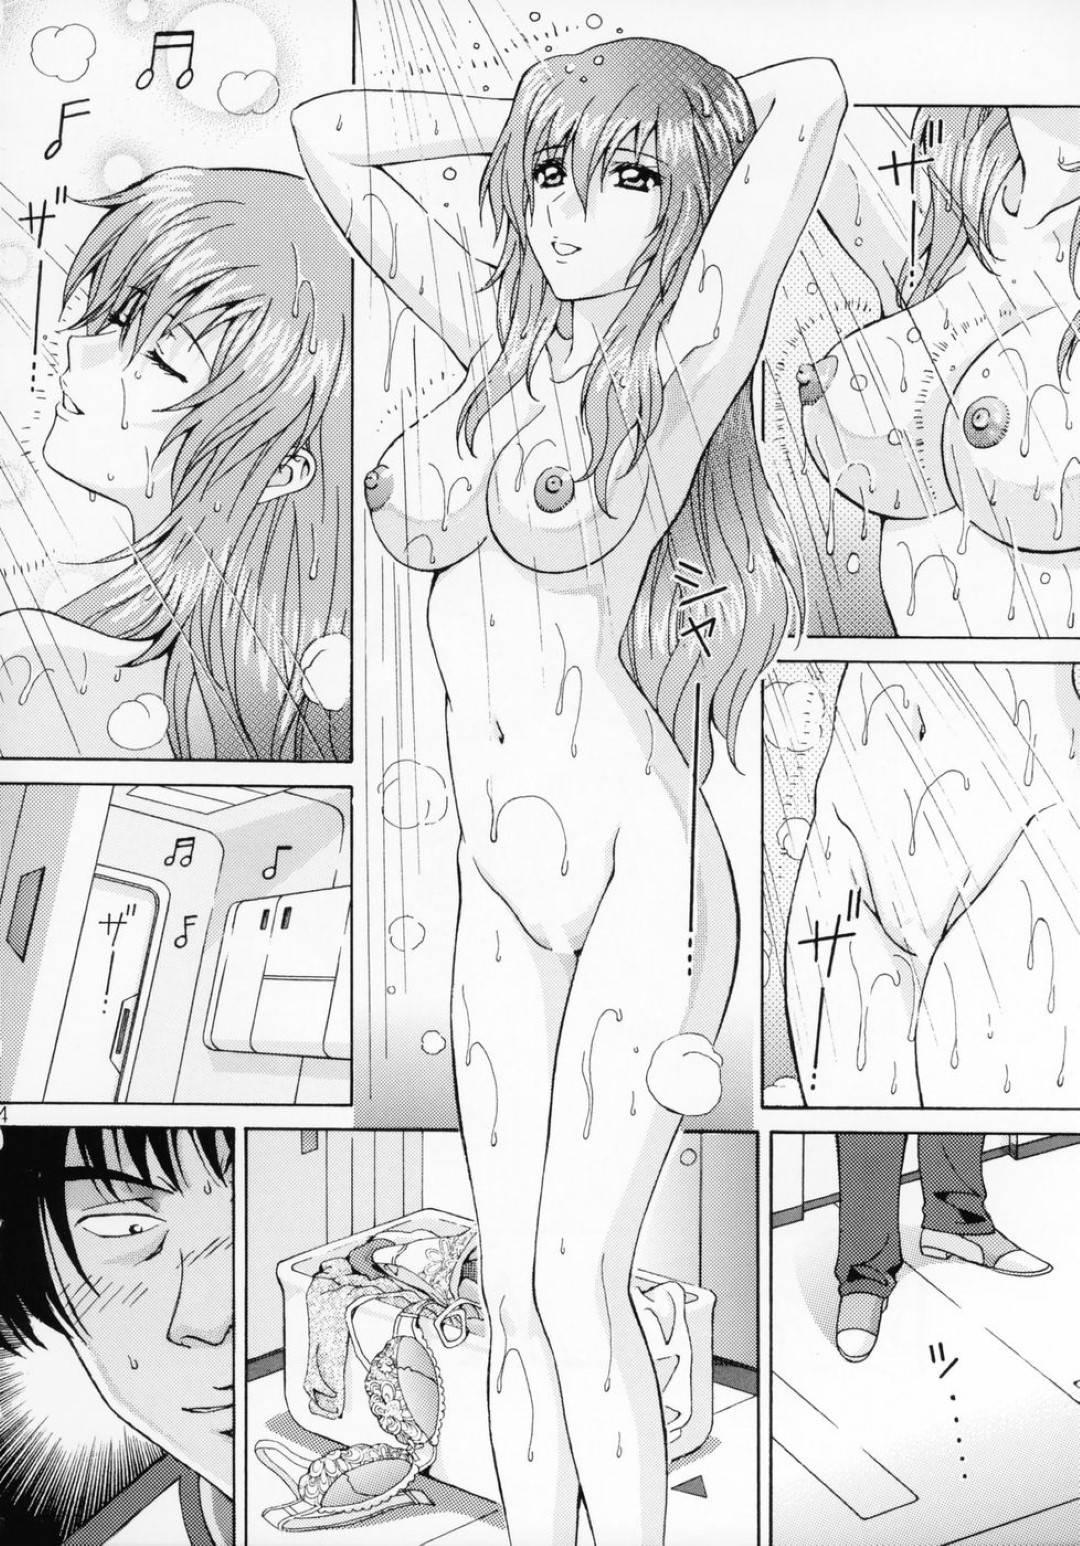 【エロ同人誌】自分の下着でシコっていた変態男に突然襲われたラクス。風呂上がりの身体を組み敷かれてクンニされたあと、激しい陵辱レイプで絶頂してしまう【オリジナル/C70】